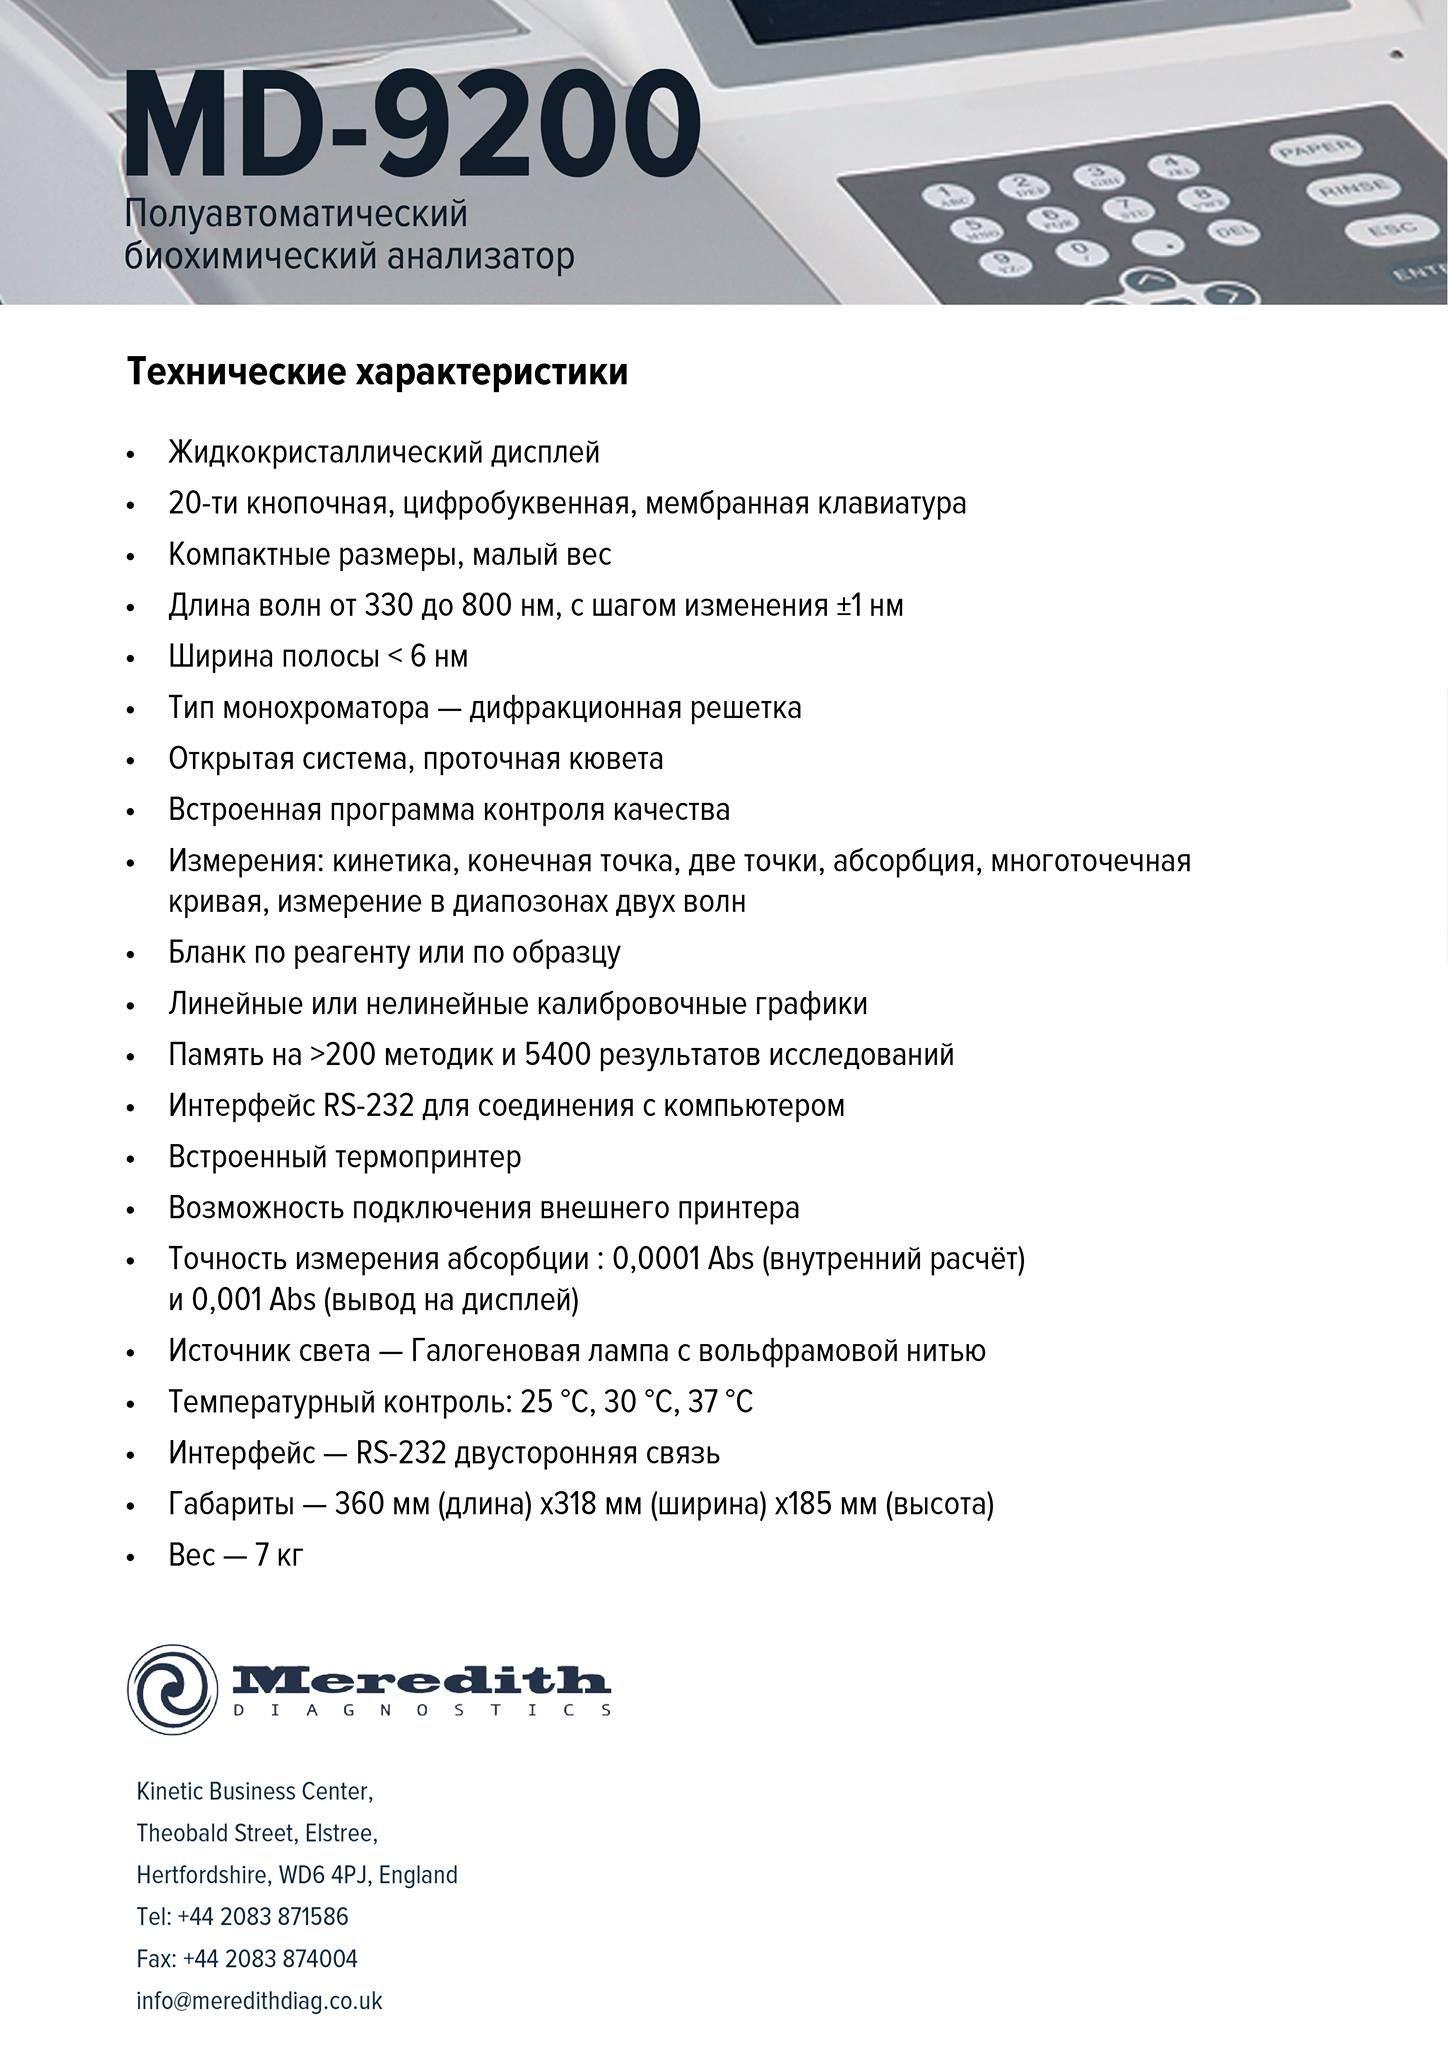 Полуавтоматический биохимический анализатор MD-9200